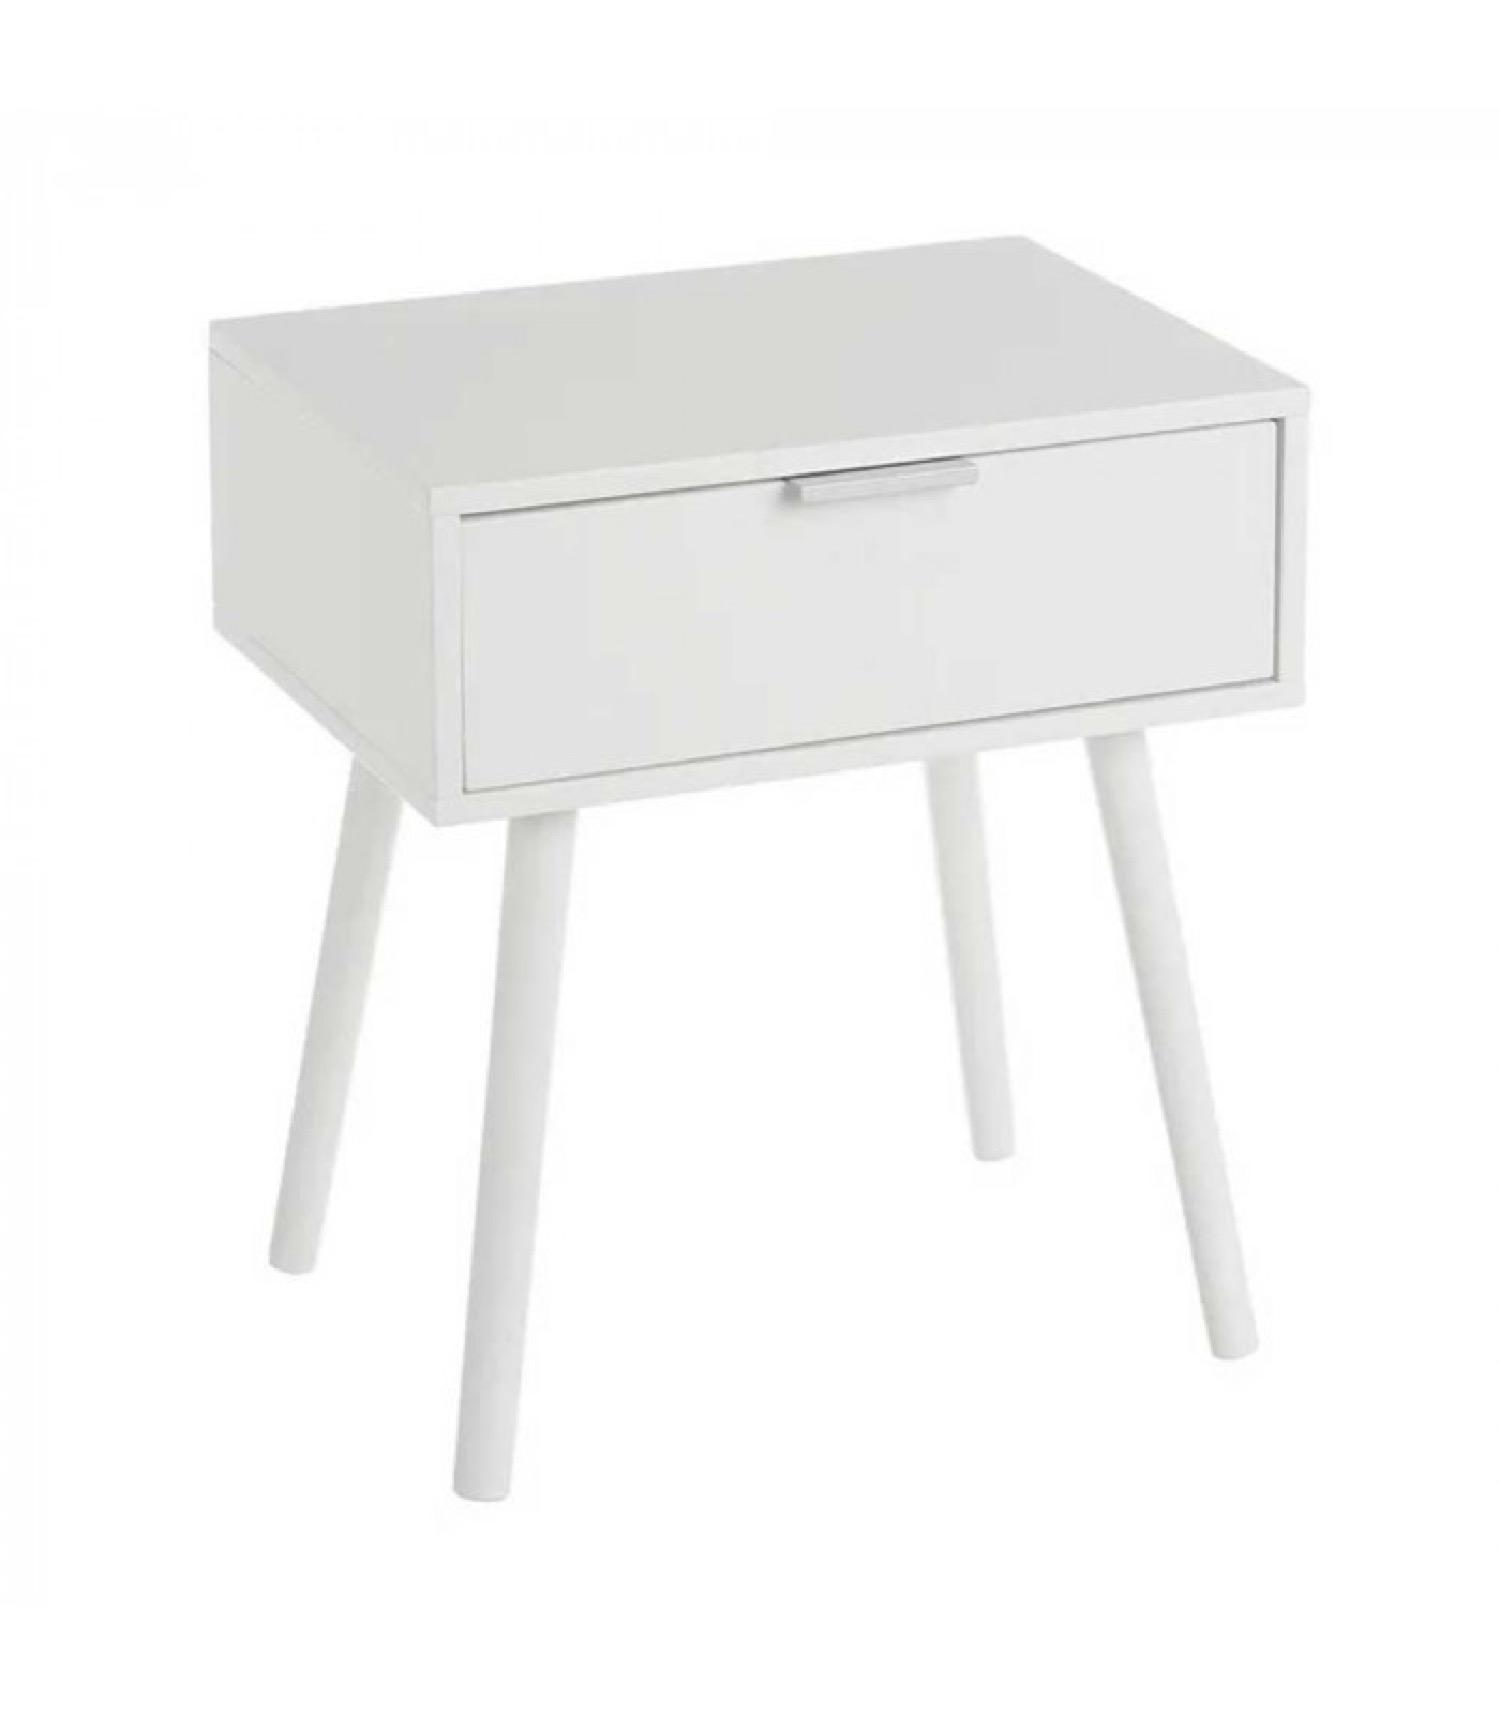 Table de chevet en bois blanc 1 tiroir